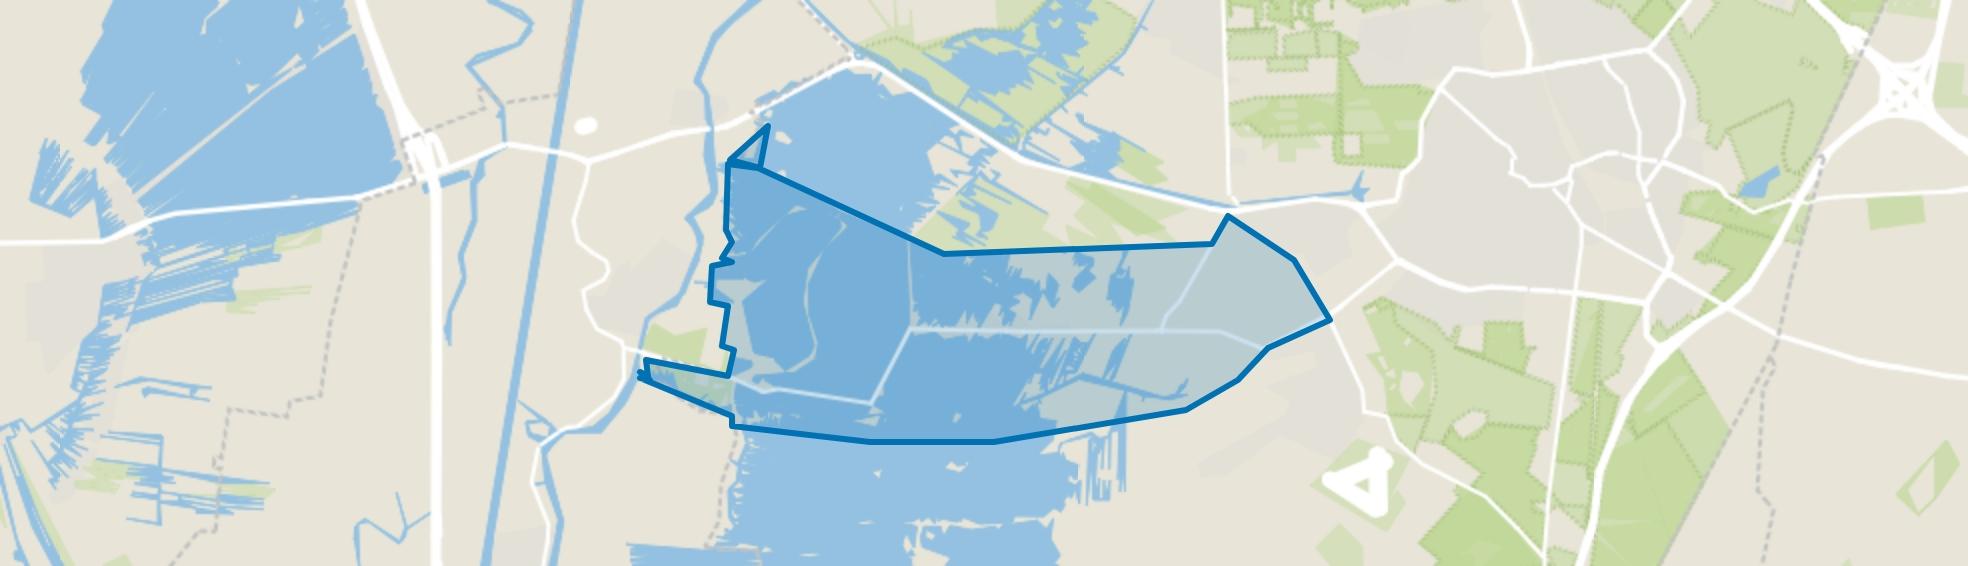 Oud-Loosdrecht, Loosdrecht map